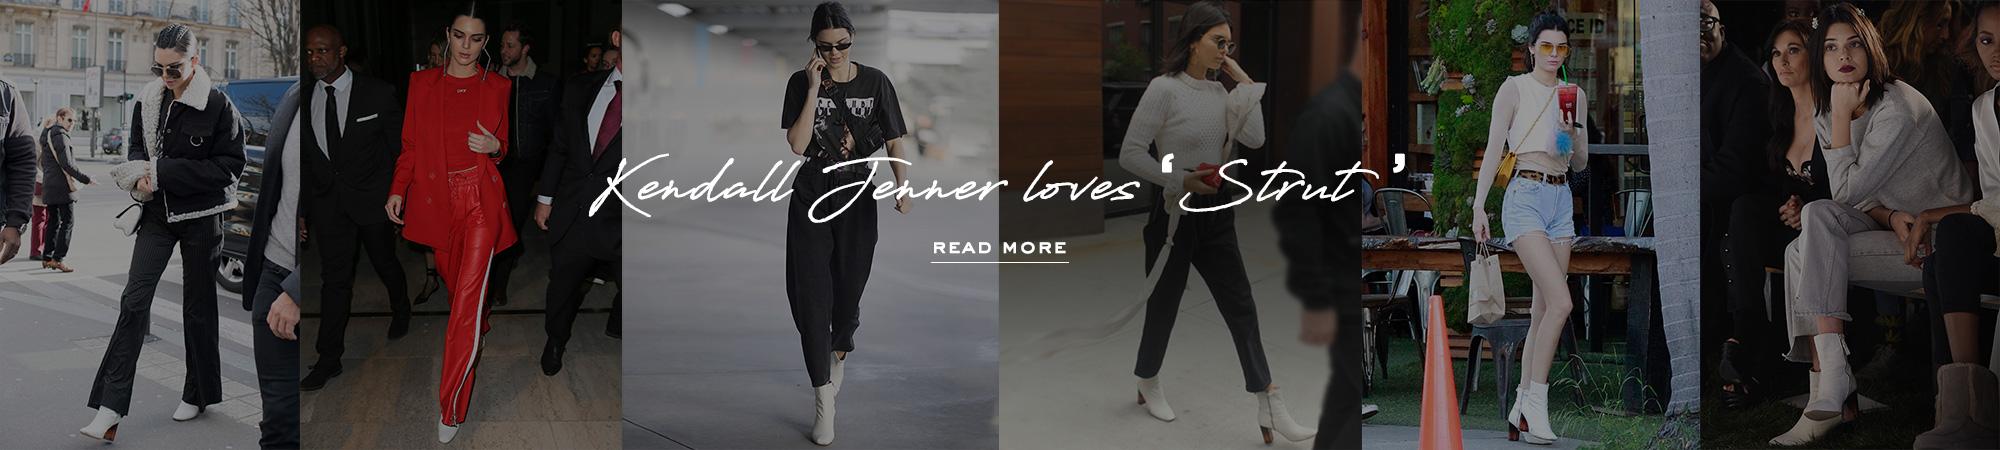 Kendall Jenner Loves Strut